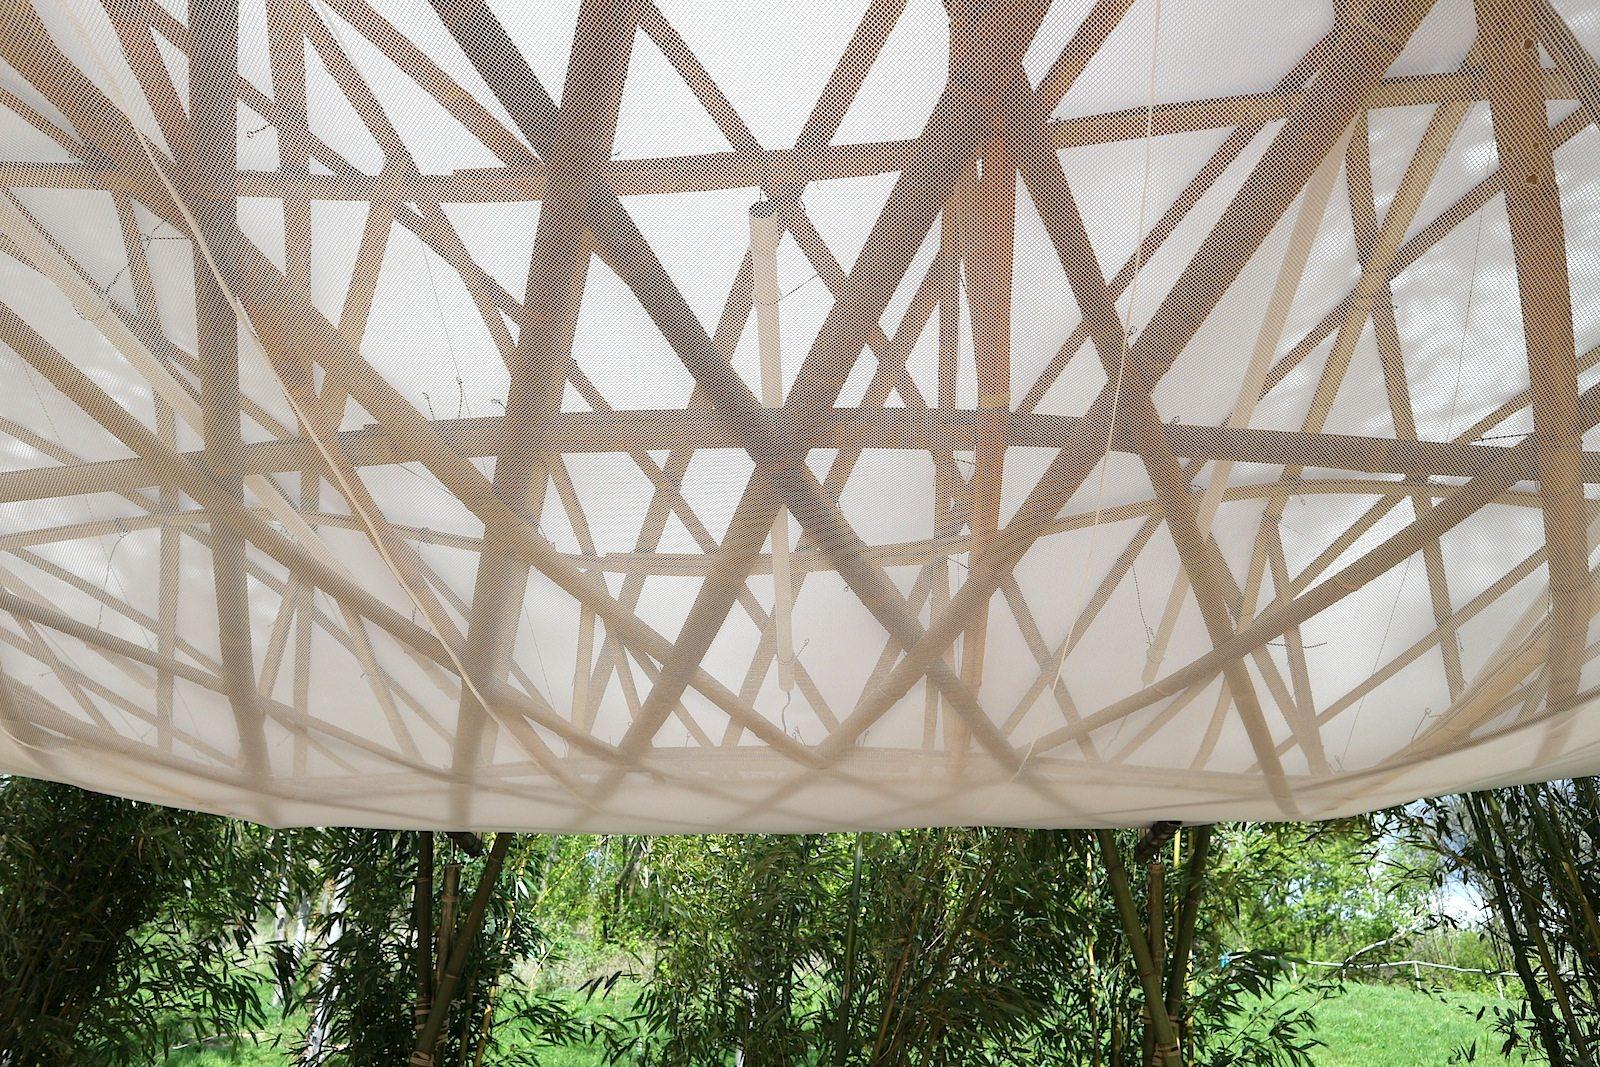 Horizonte, Bambushain.  Das Bambusdach entstand im Rahmen des Projektes Naturell – Architektur im Dialog 2013 an der Villa Massimo. Das Dach besteht aus Bambusgeflecht mit Bambusstützen 9,50 Meter x 4,60 Meter. Die 11 Bambuspflanzen sind etwa 8 Meter hoch.